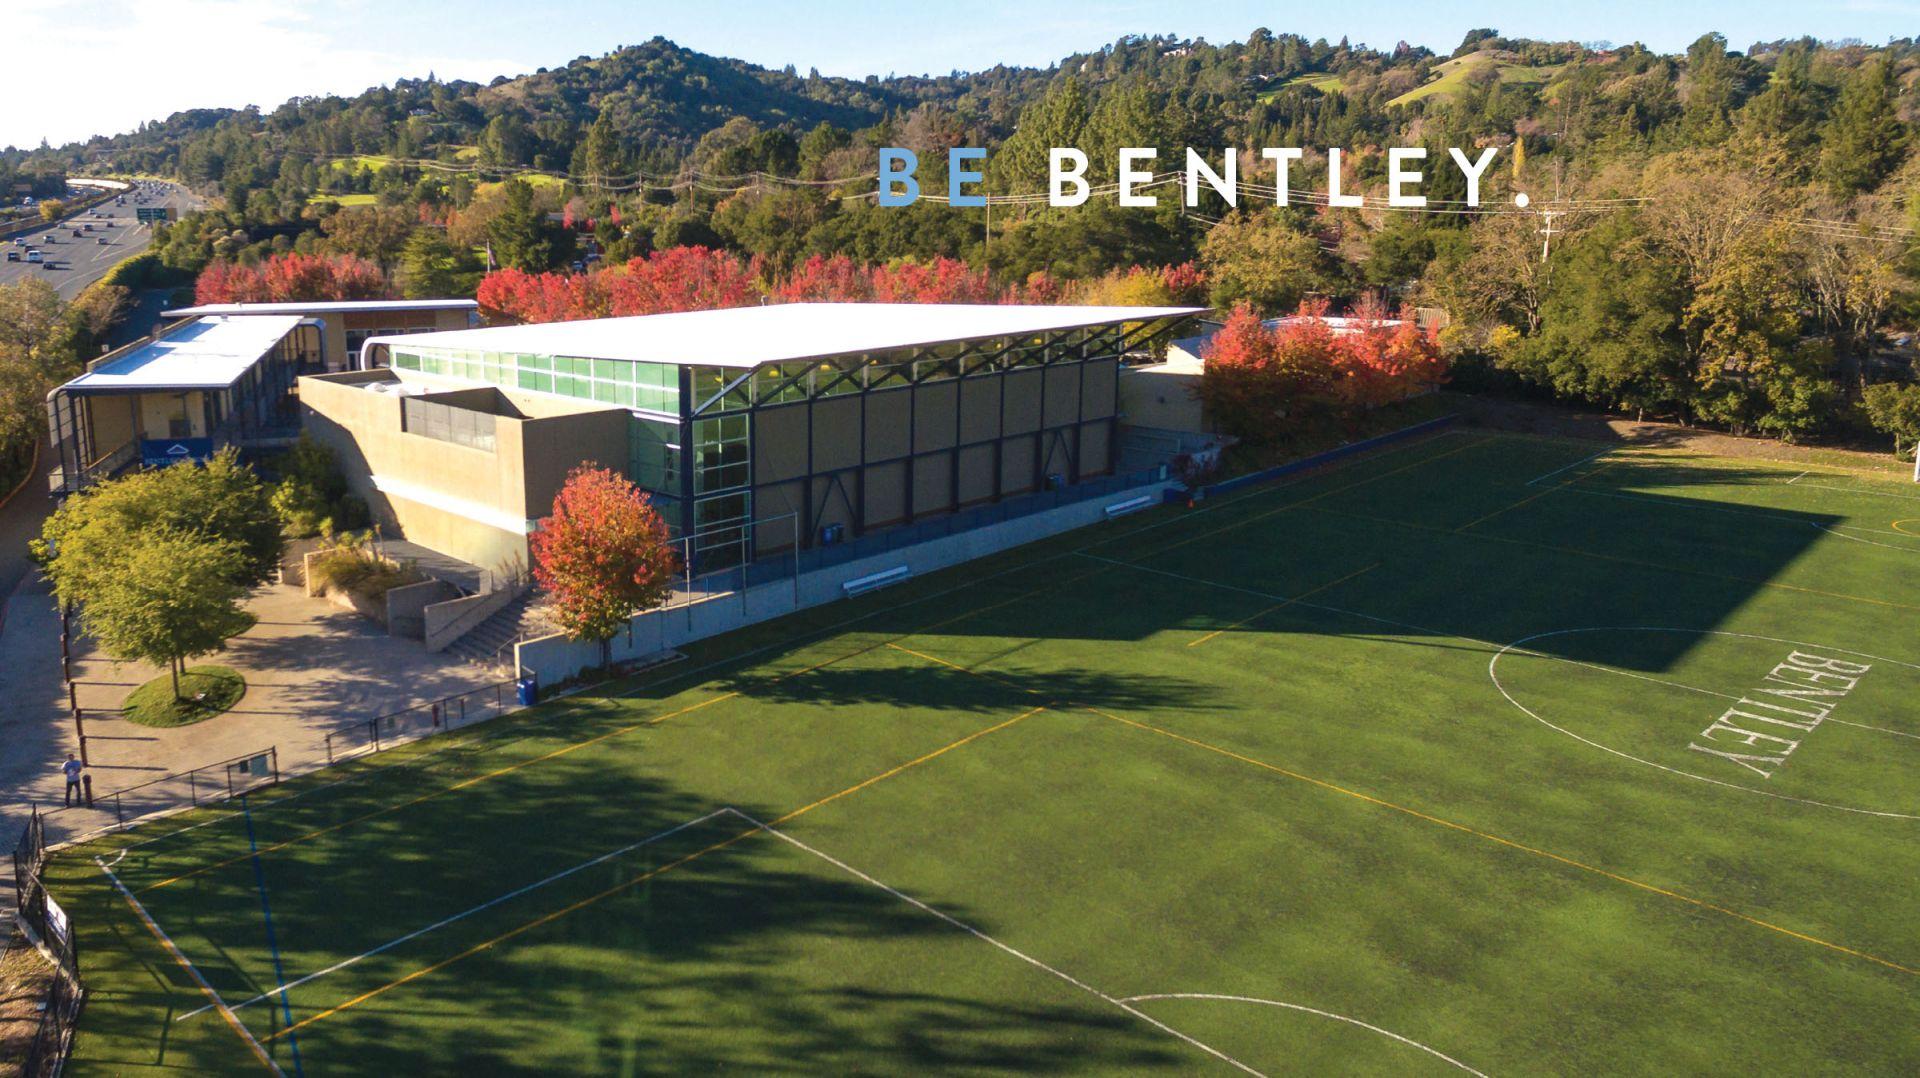 Bentley School is a K-12, coeducational, independent day school